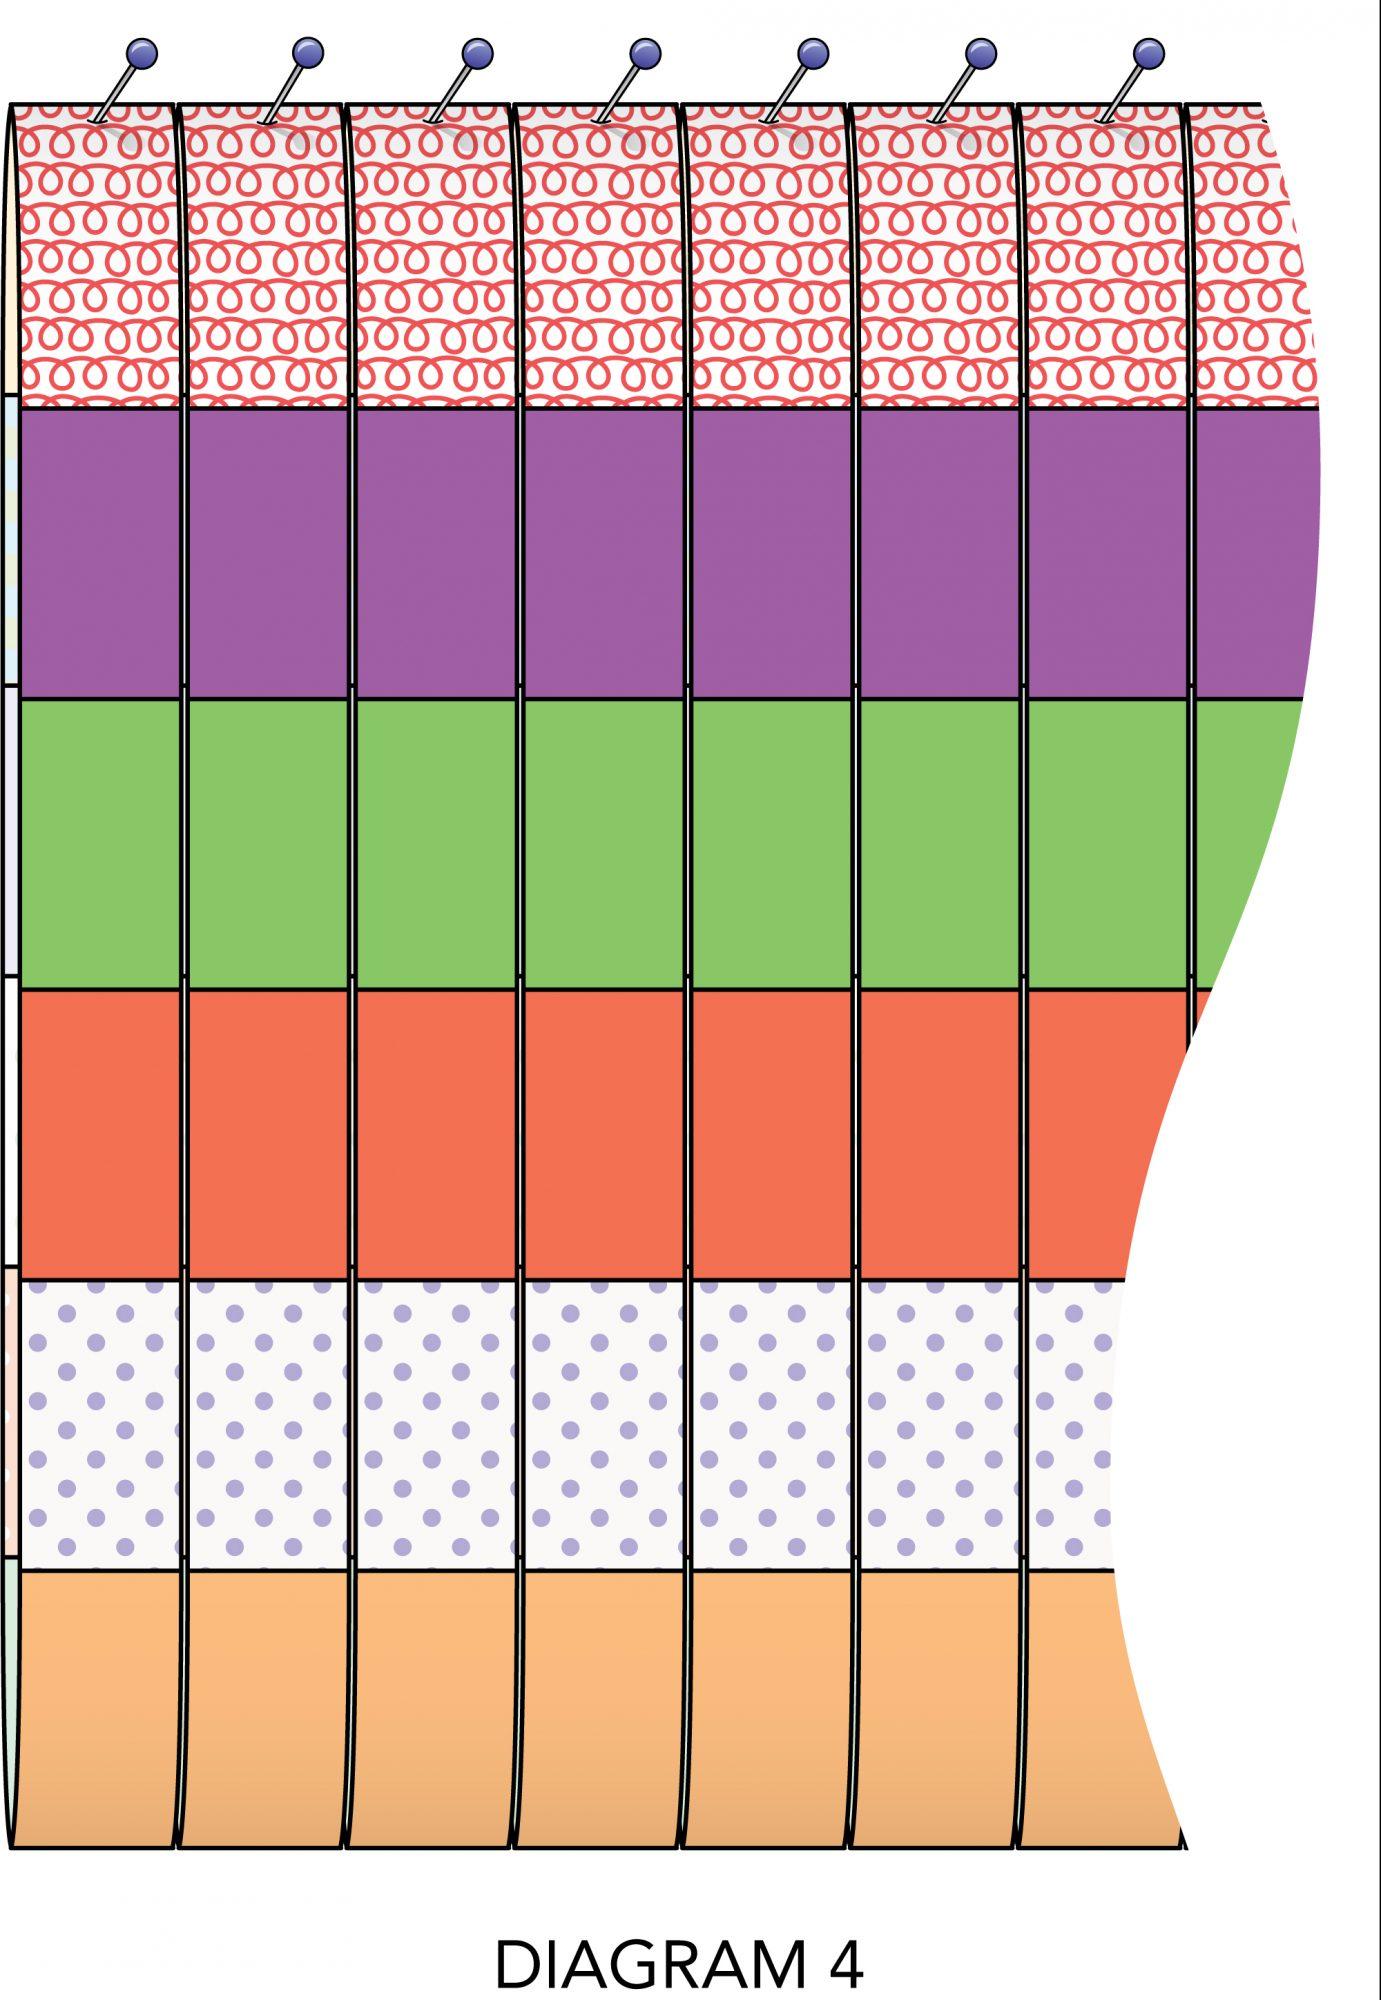 Quake diagram 4